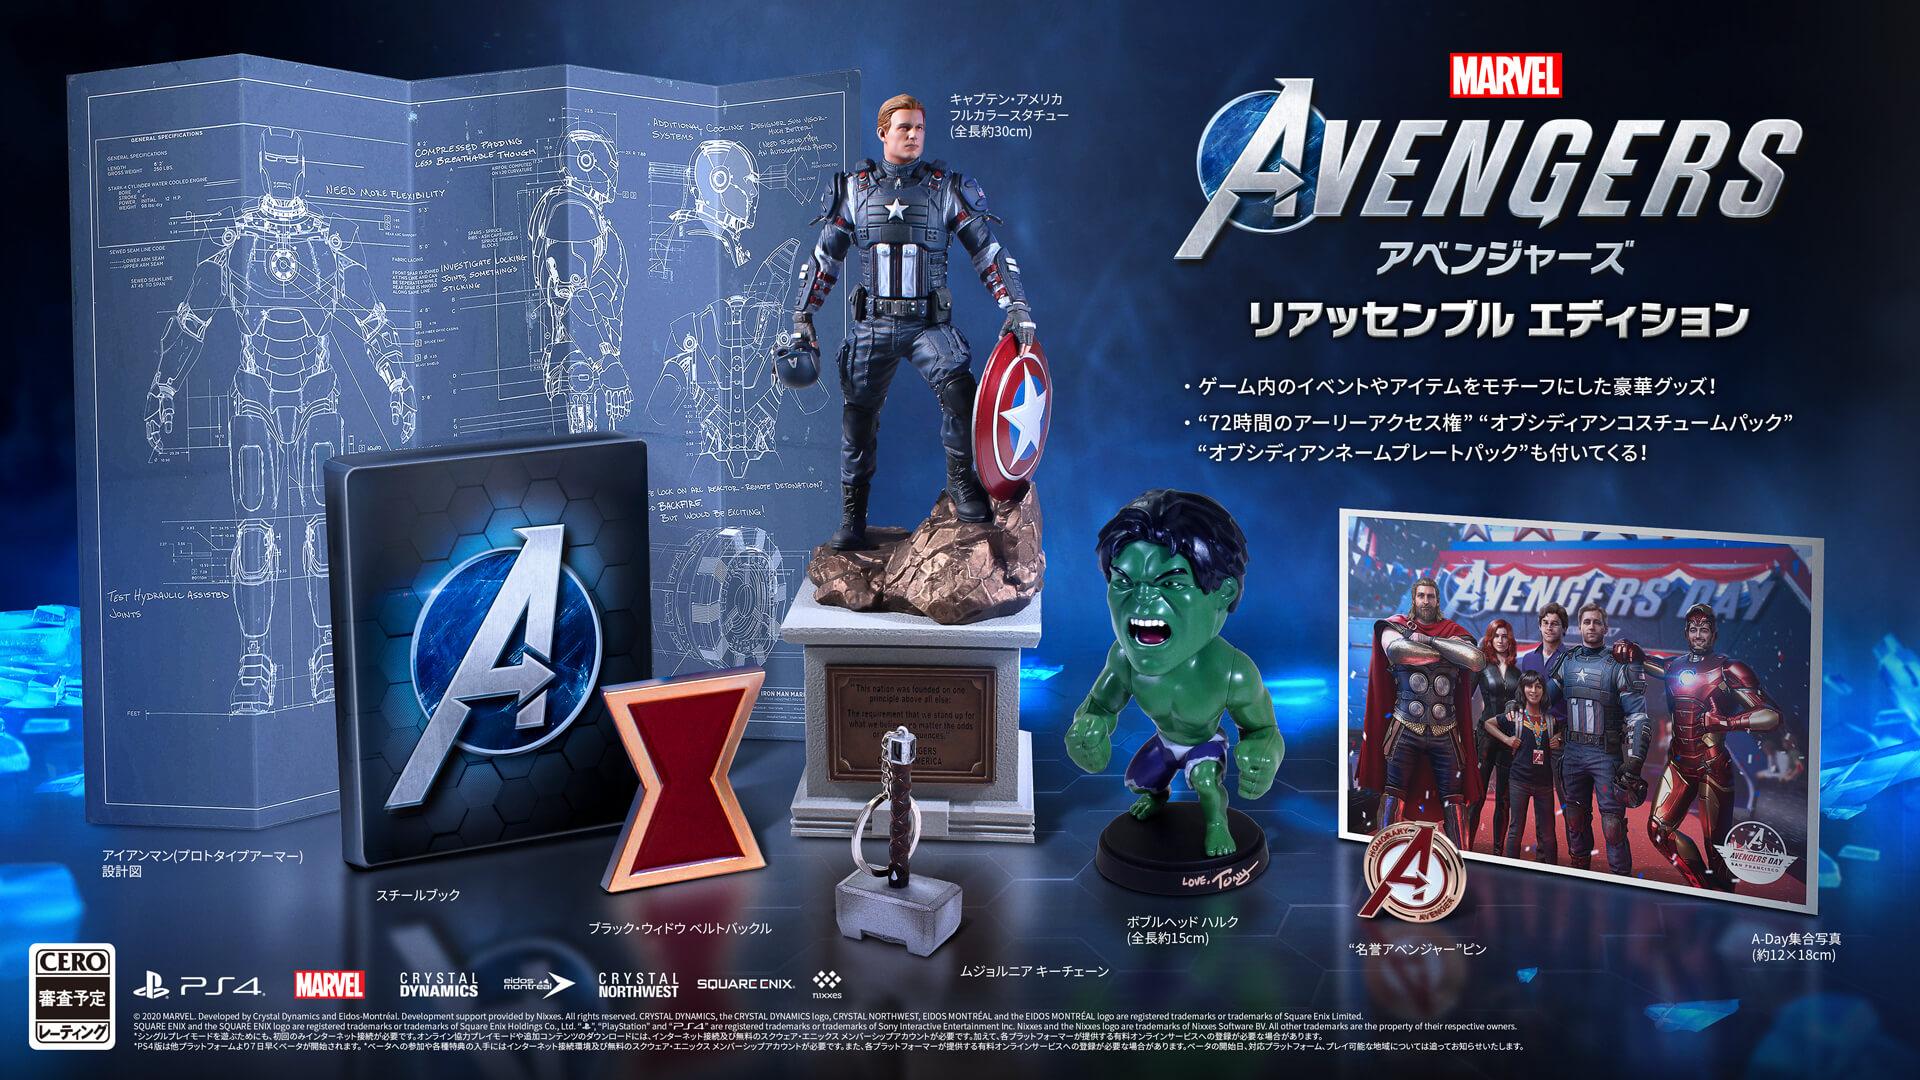 アベンジャーズ、ゲームでアッセンブル!『Marvel's Avengers』がついに予約受付開始&最新トレーラーも解禁 tech200417_avengers_game_7